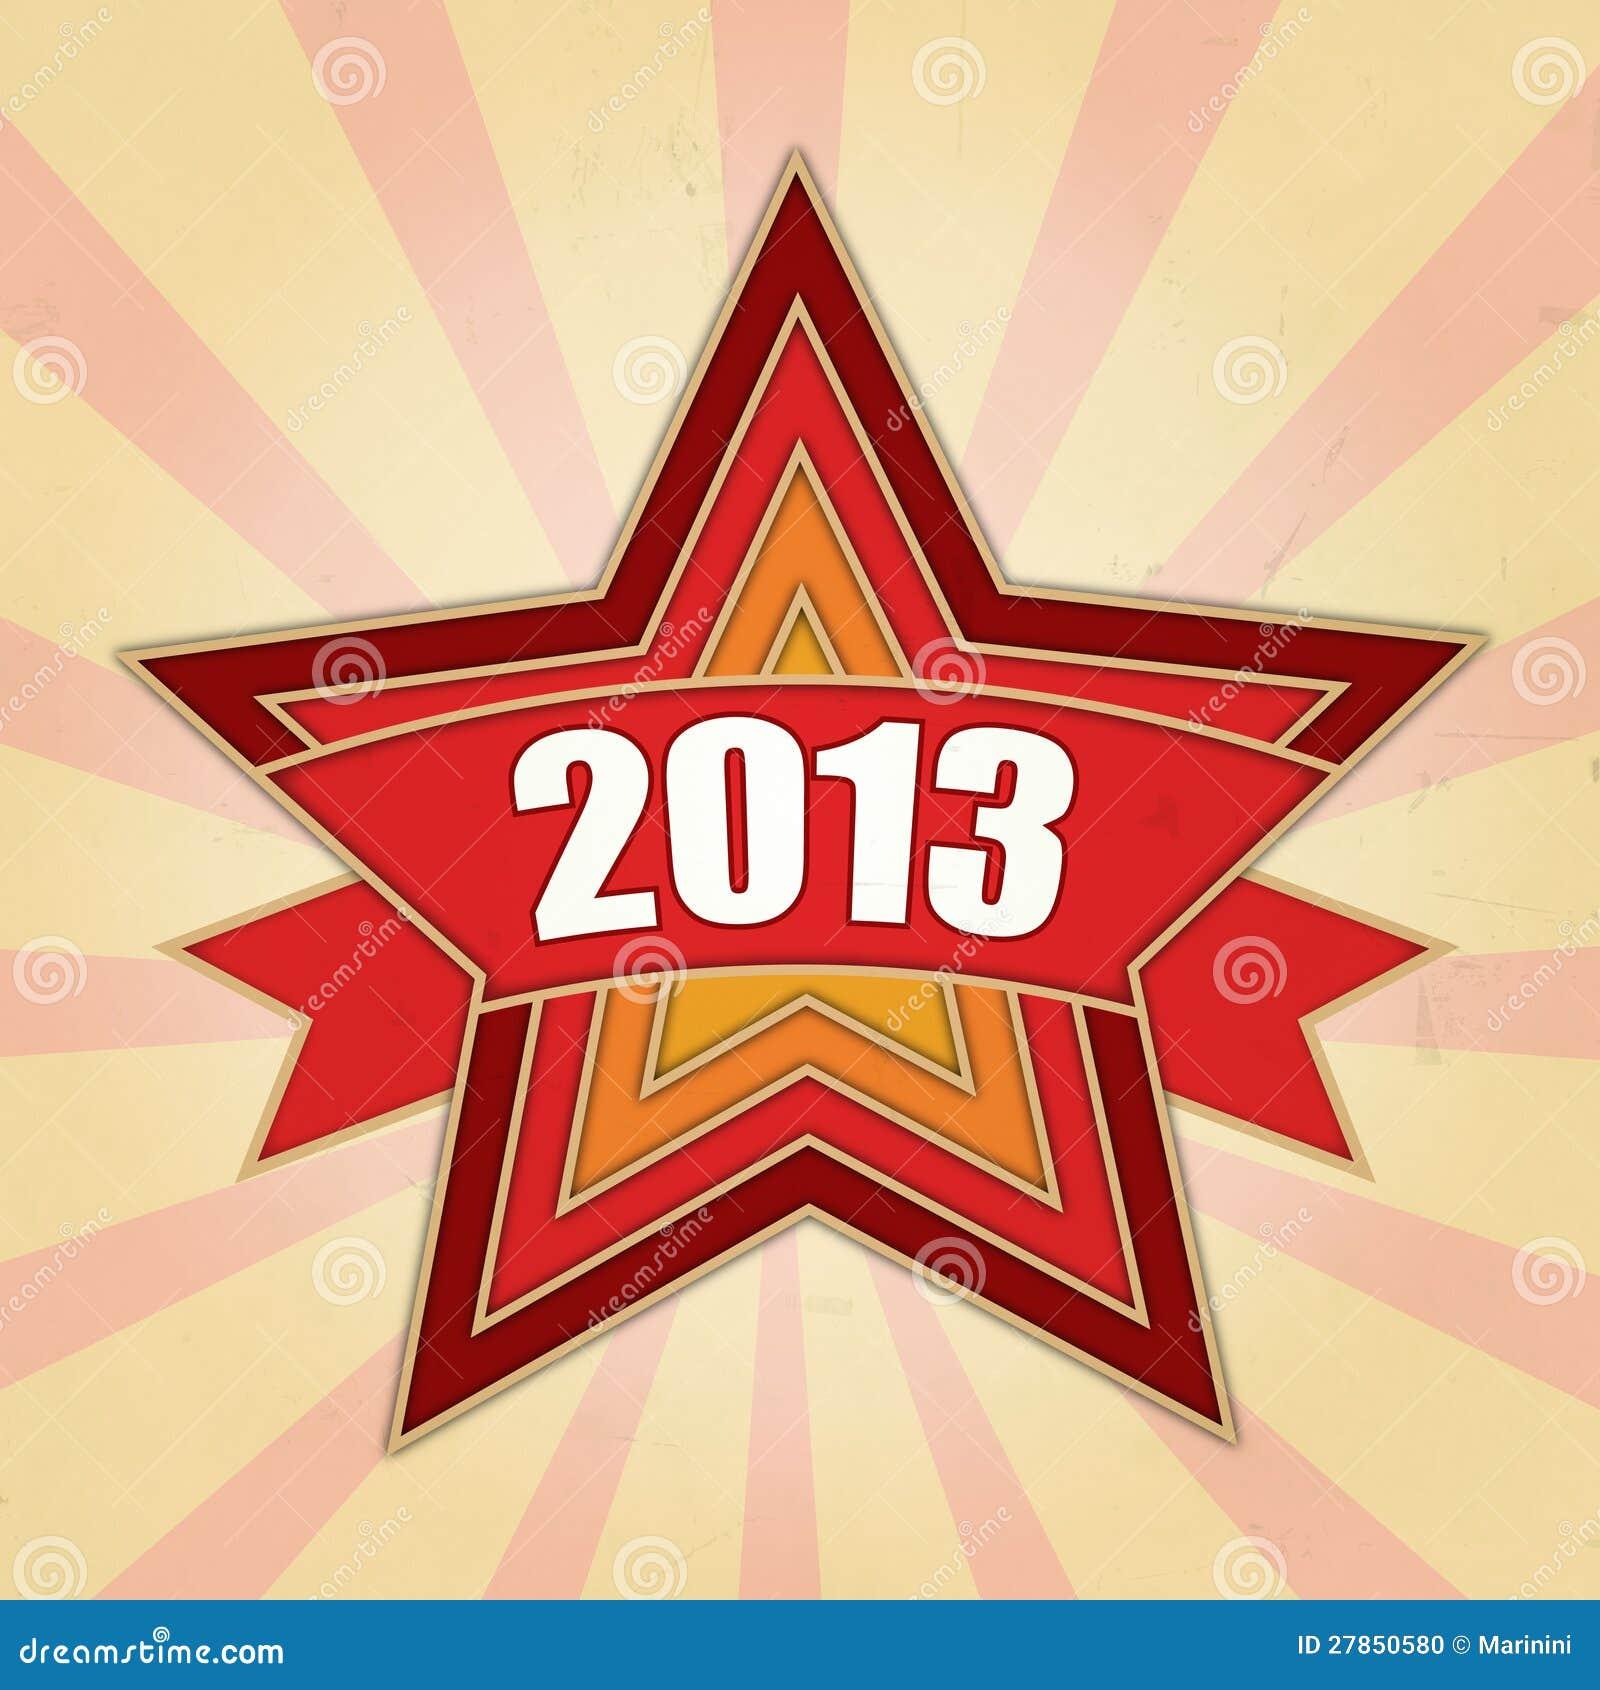 Rok 2013 w czerwonych gwiazdach i promieniach